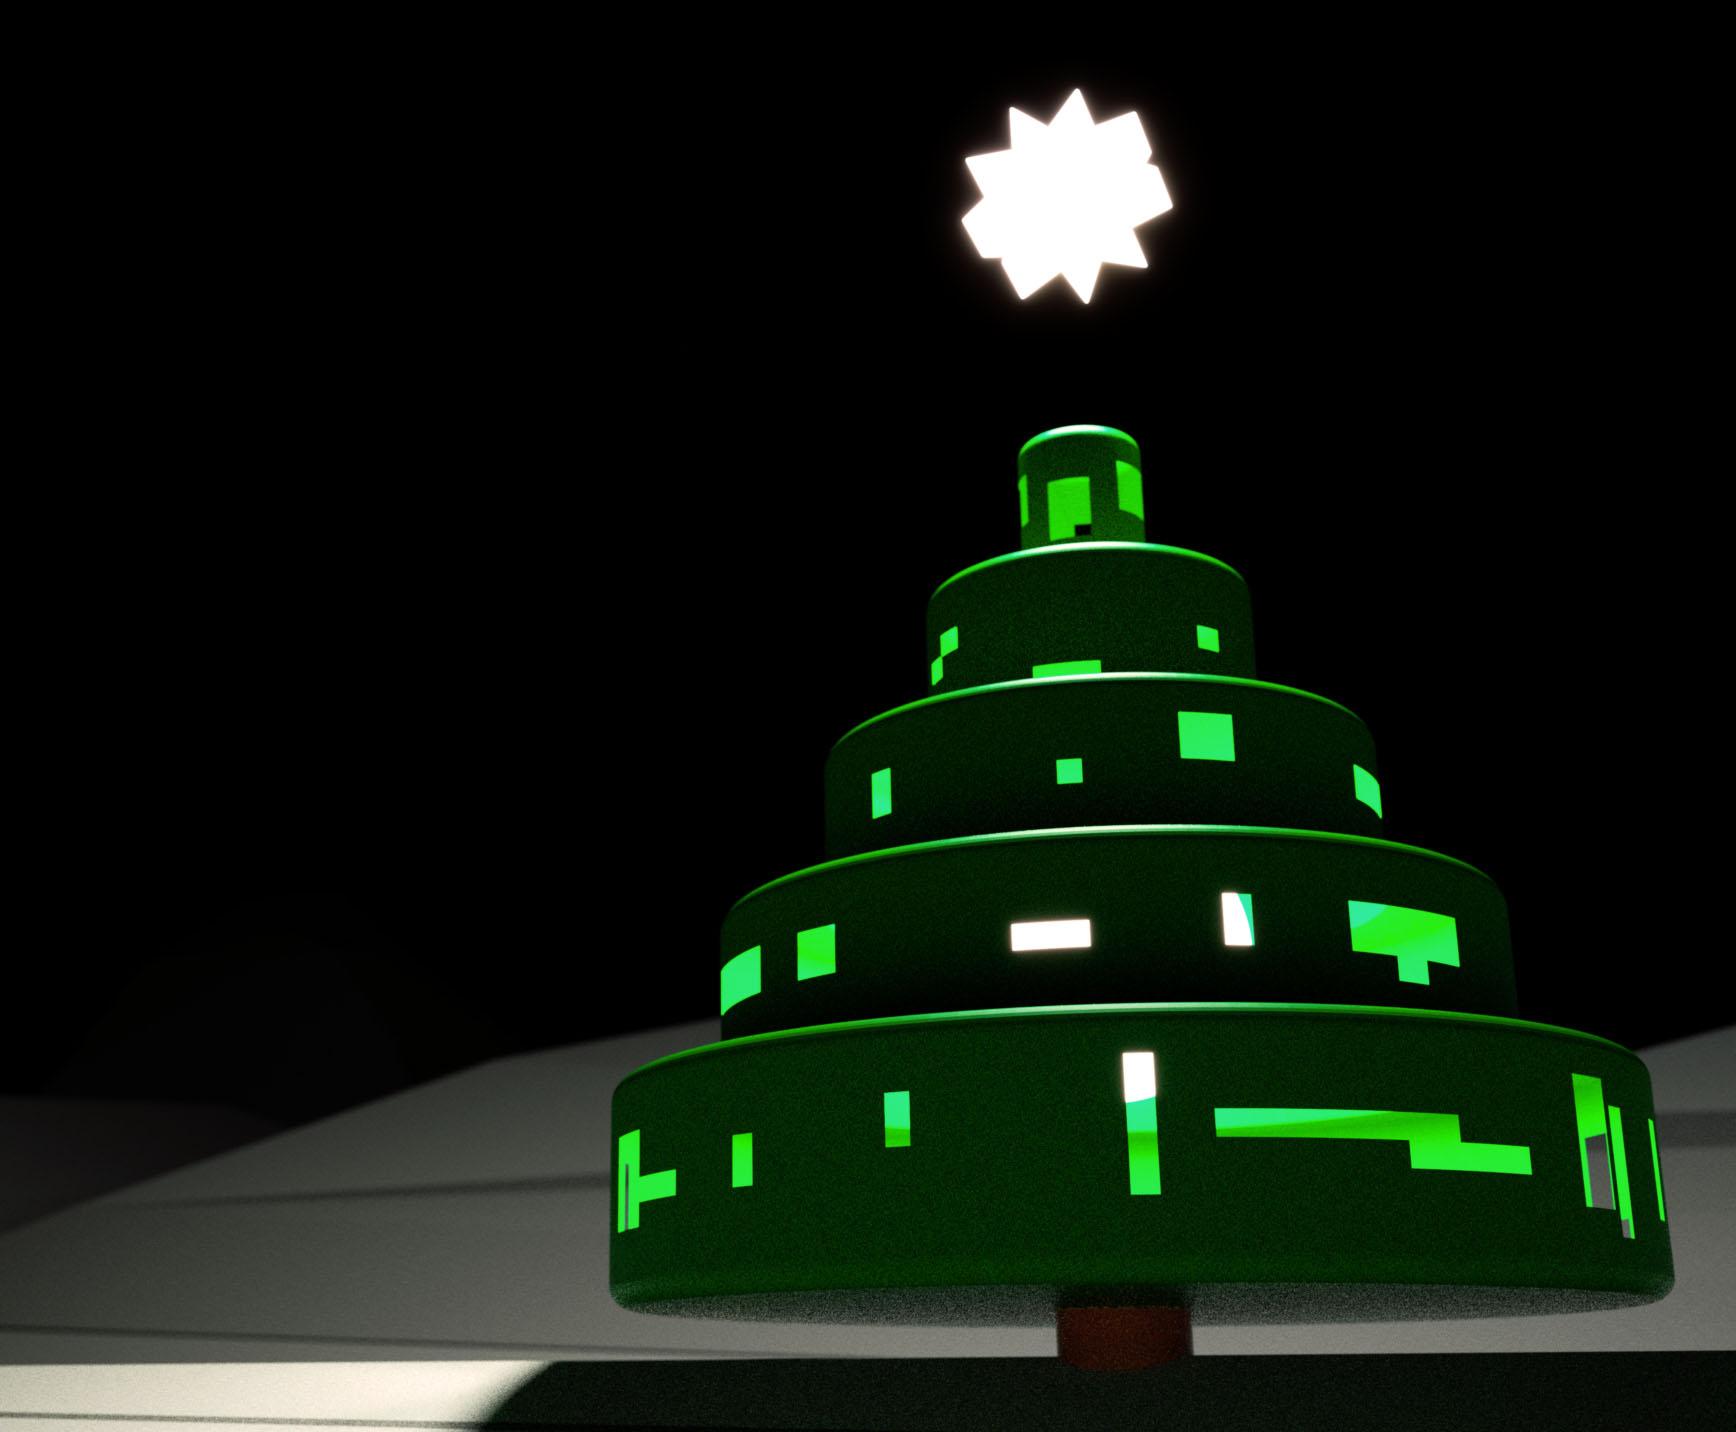 Glædelig Jul | Merry Christmas